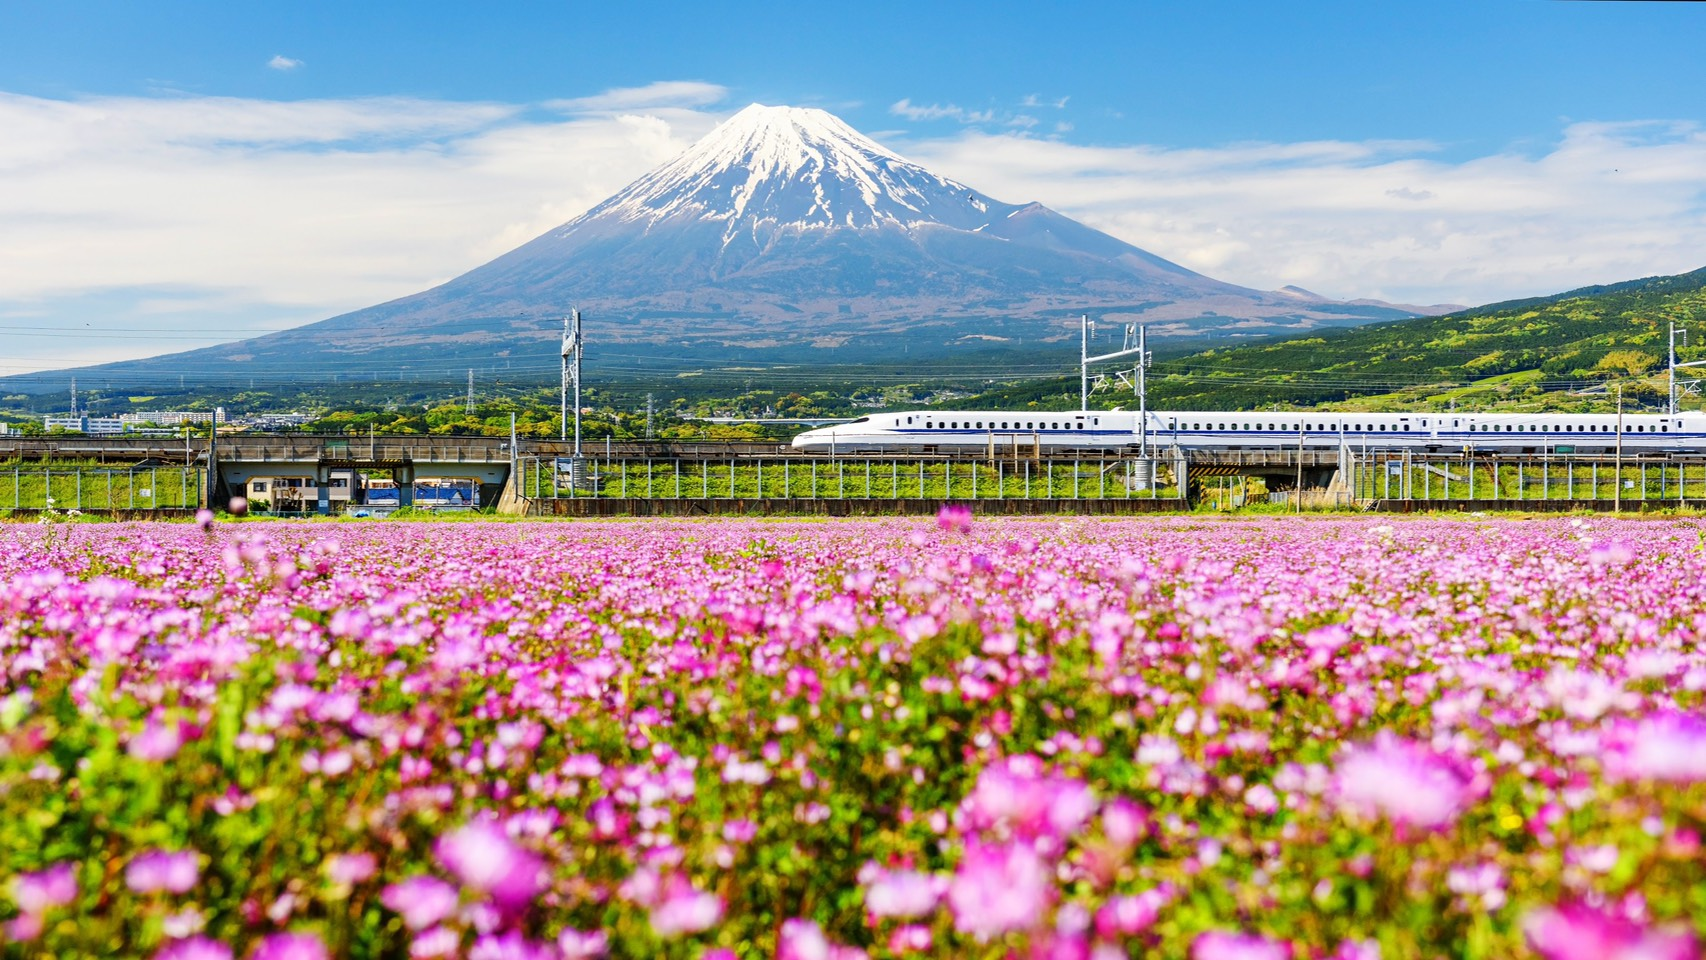 ฤดูกาลท่องเที่ยว ภูมิภาคคันโต